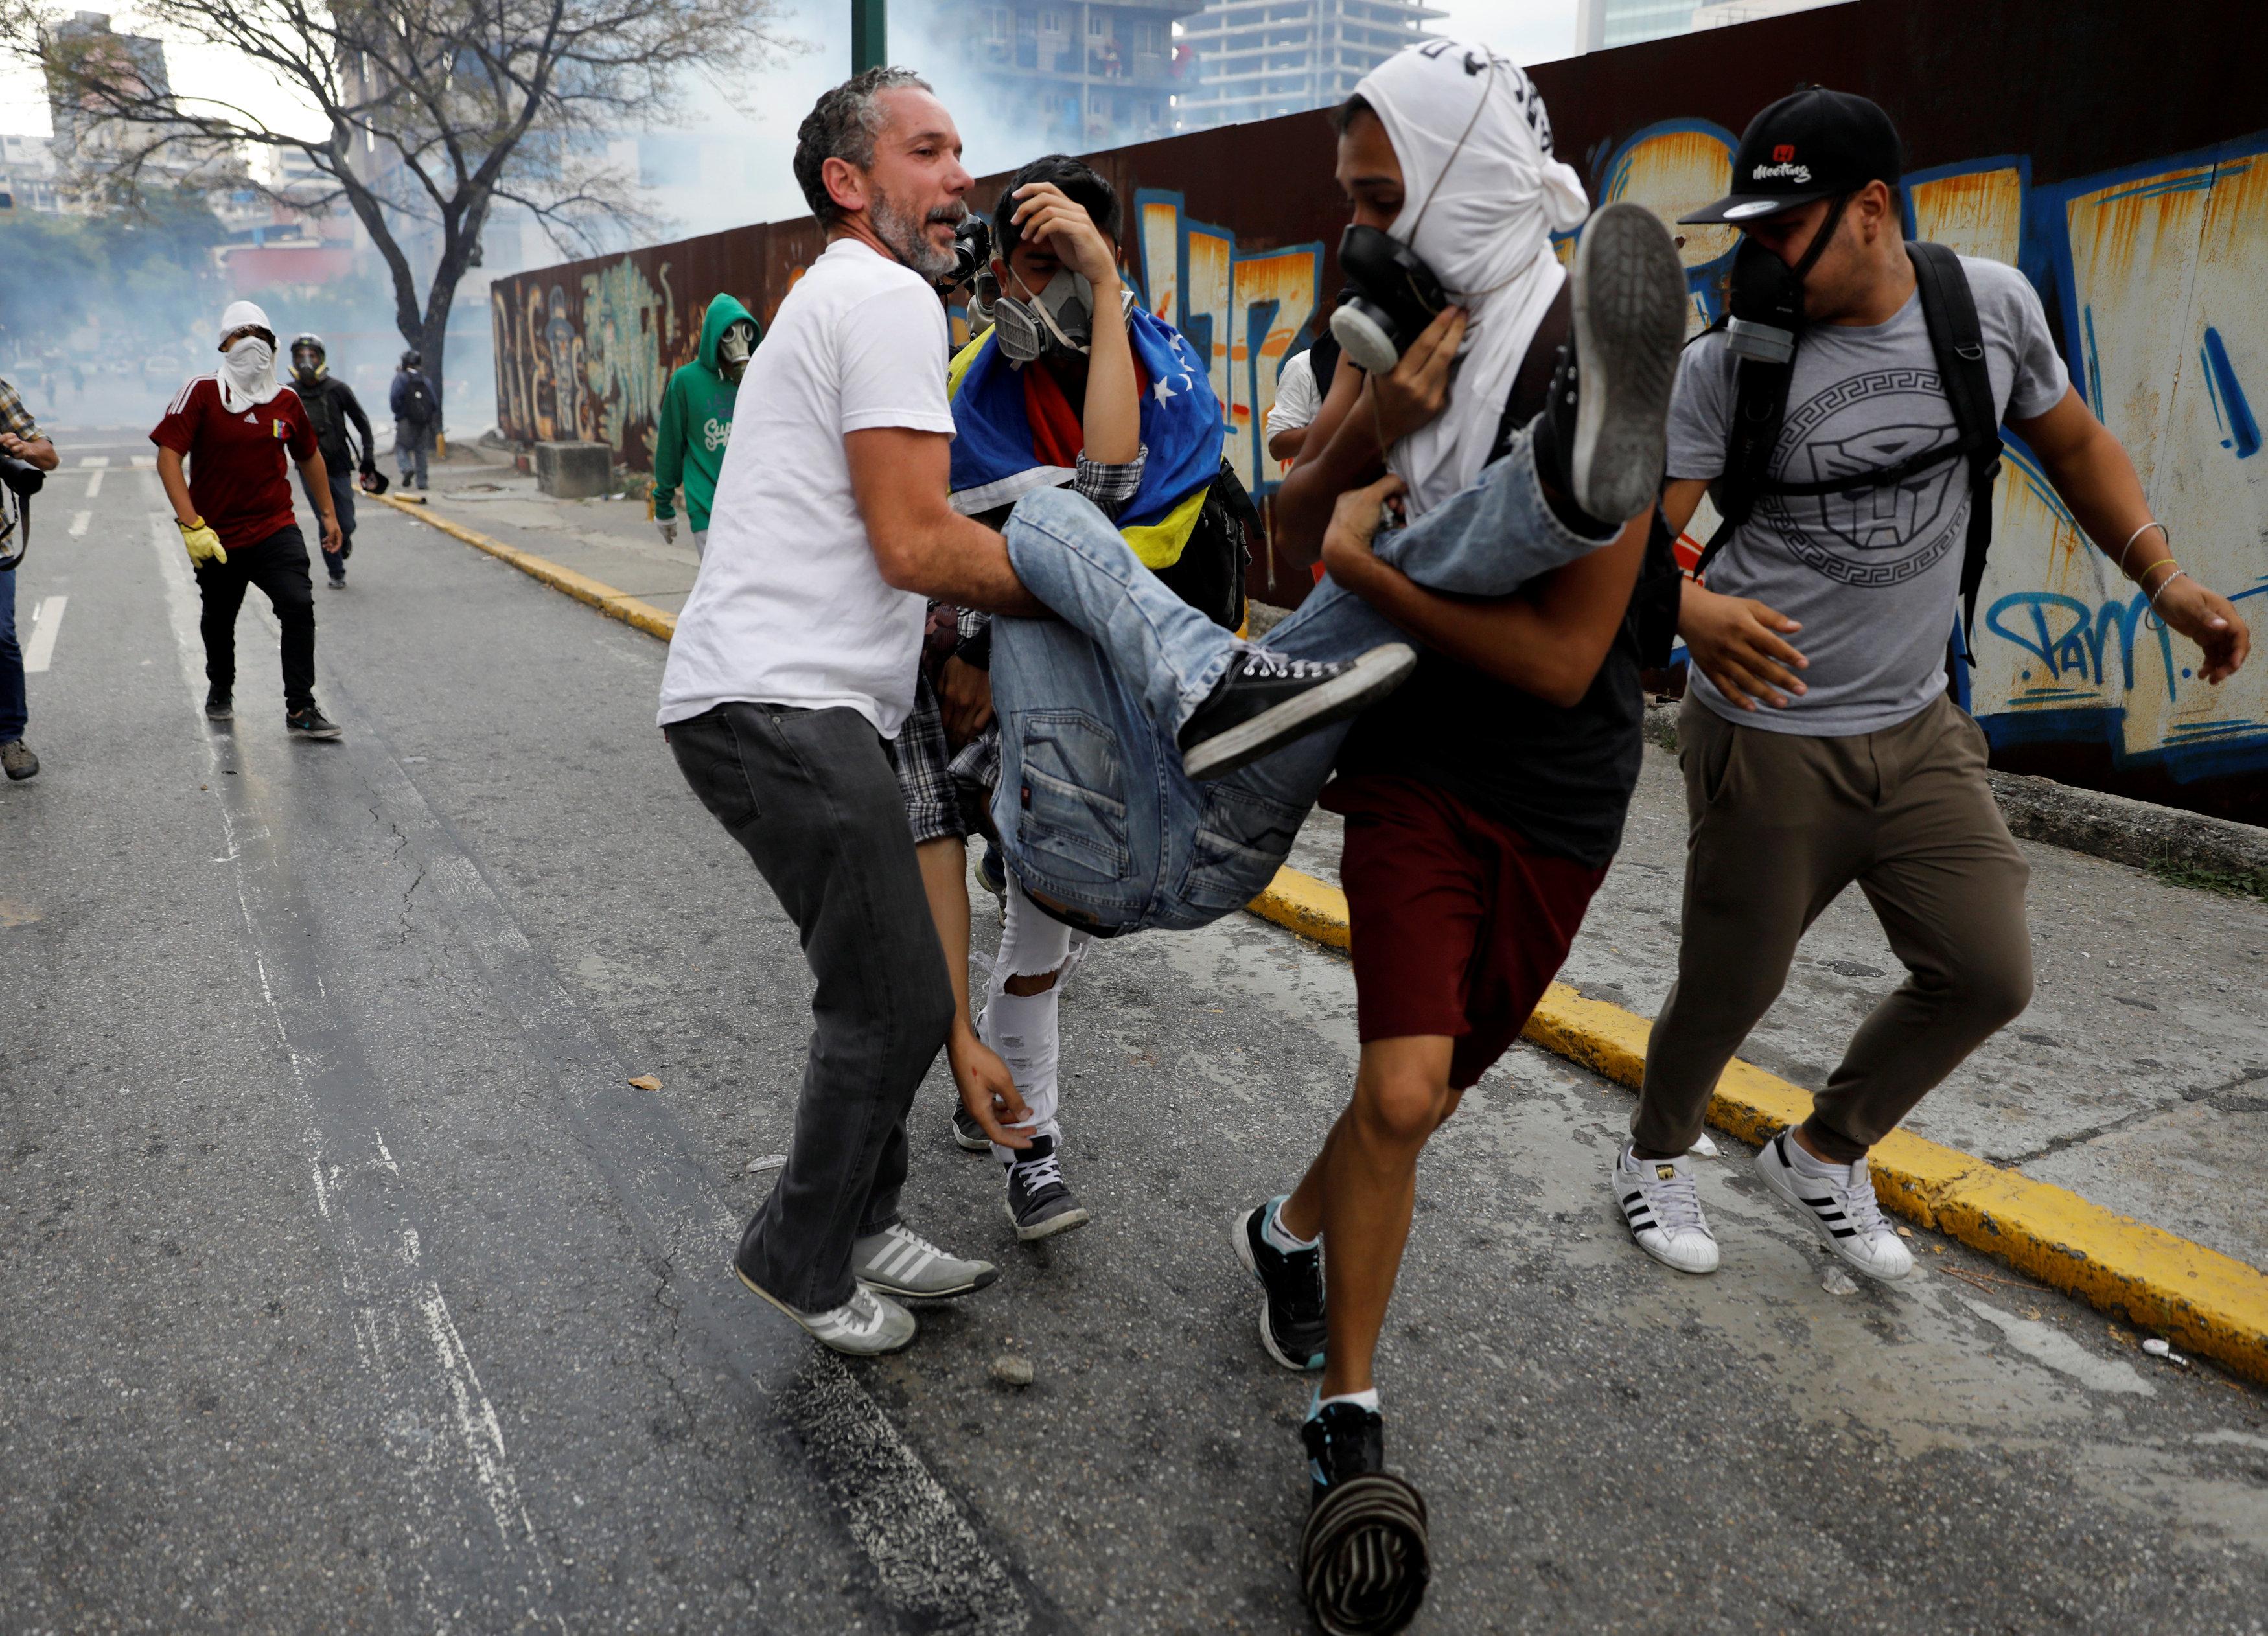 Uno de los afectados por gases lacrimógenos es atendido por compañeros durante una manifestación en abril 10, 2017. REUTERS/Carlos Garcia Rawlins